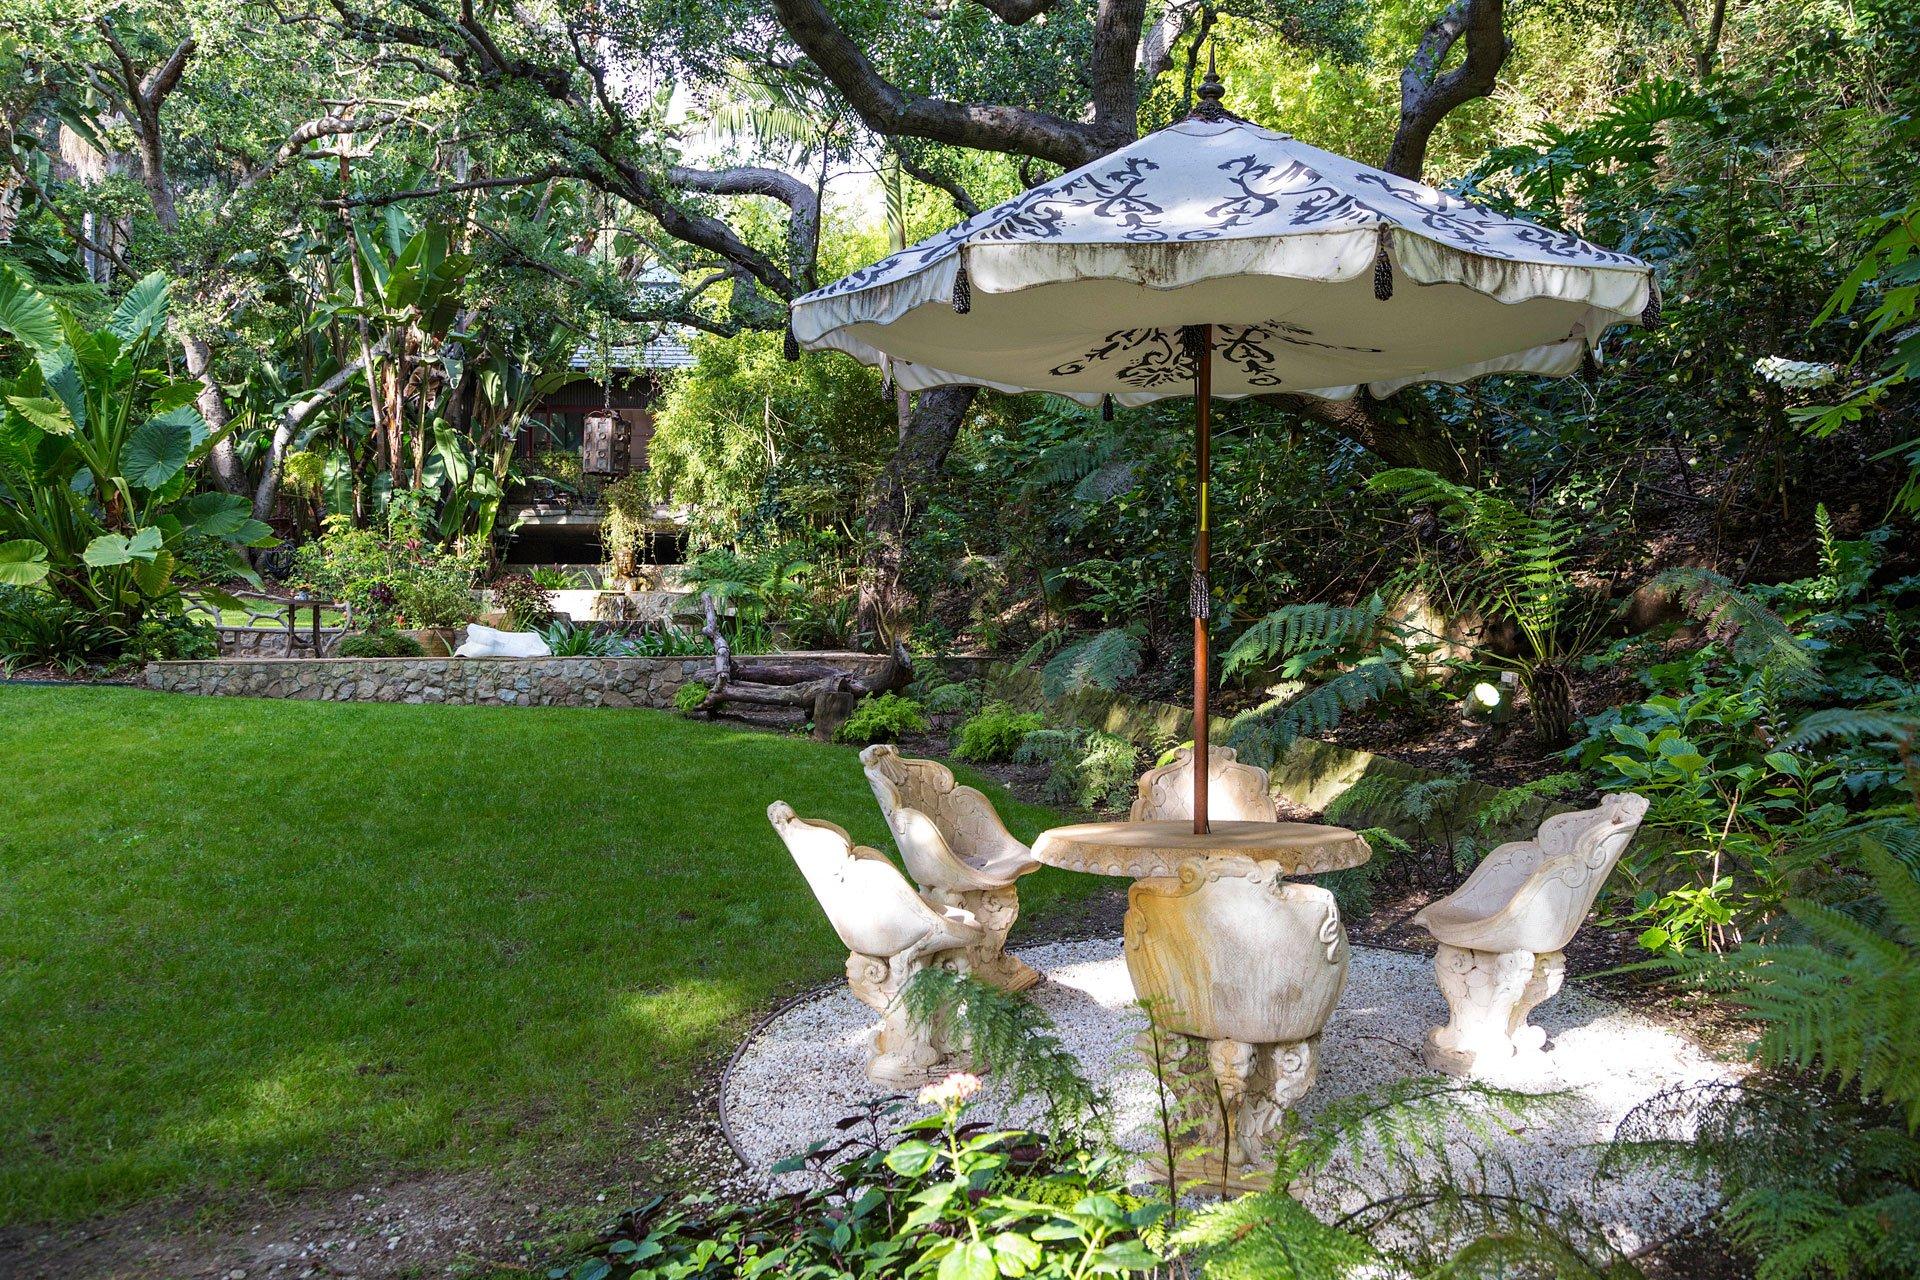 Un rincón en medio de uno de los tantos jardines con que cuenta la propiedad de Bel Air